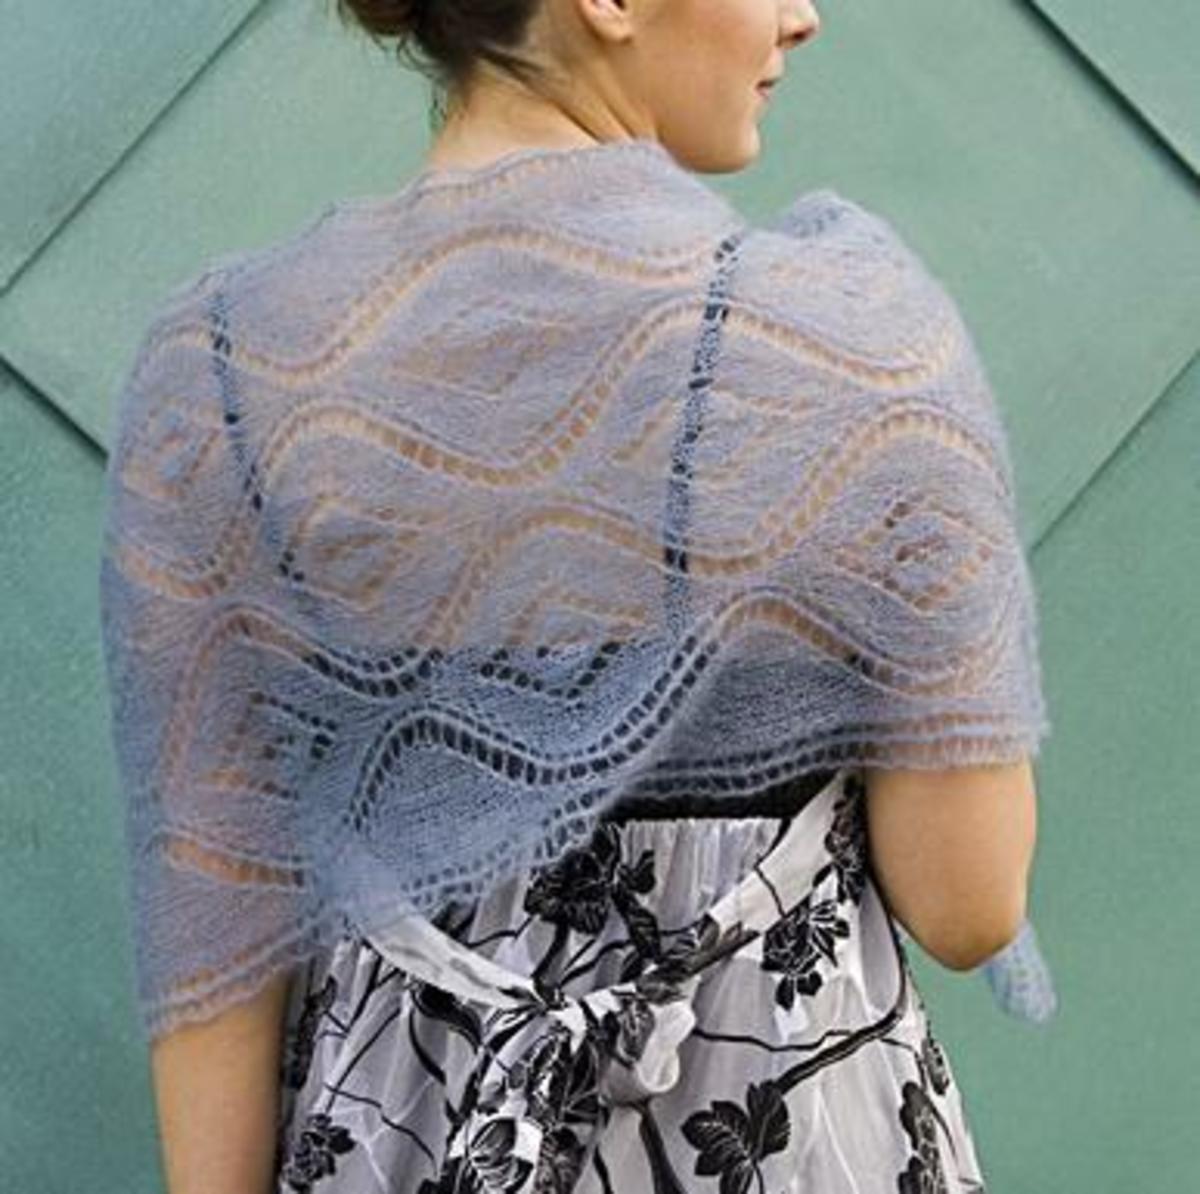 Designing Lace Shawls